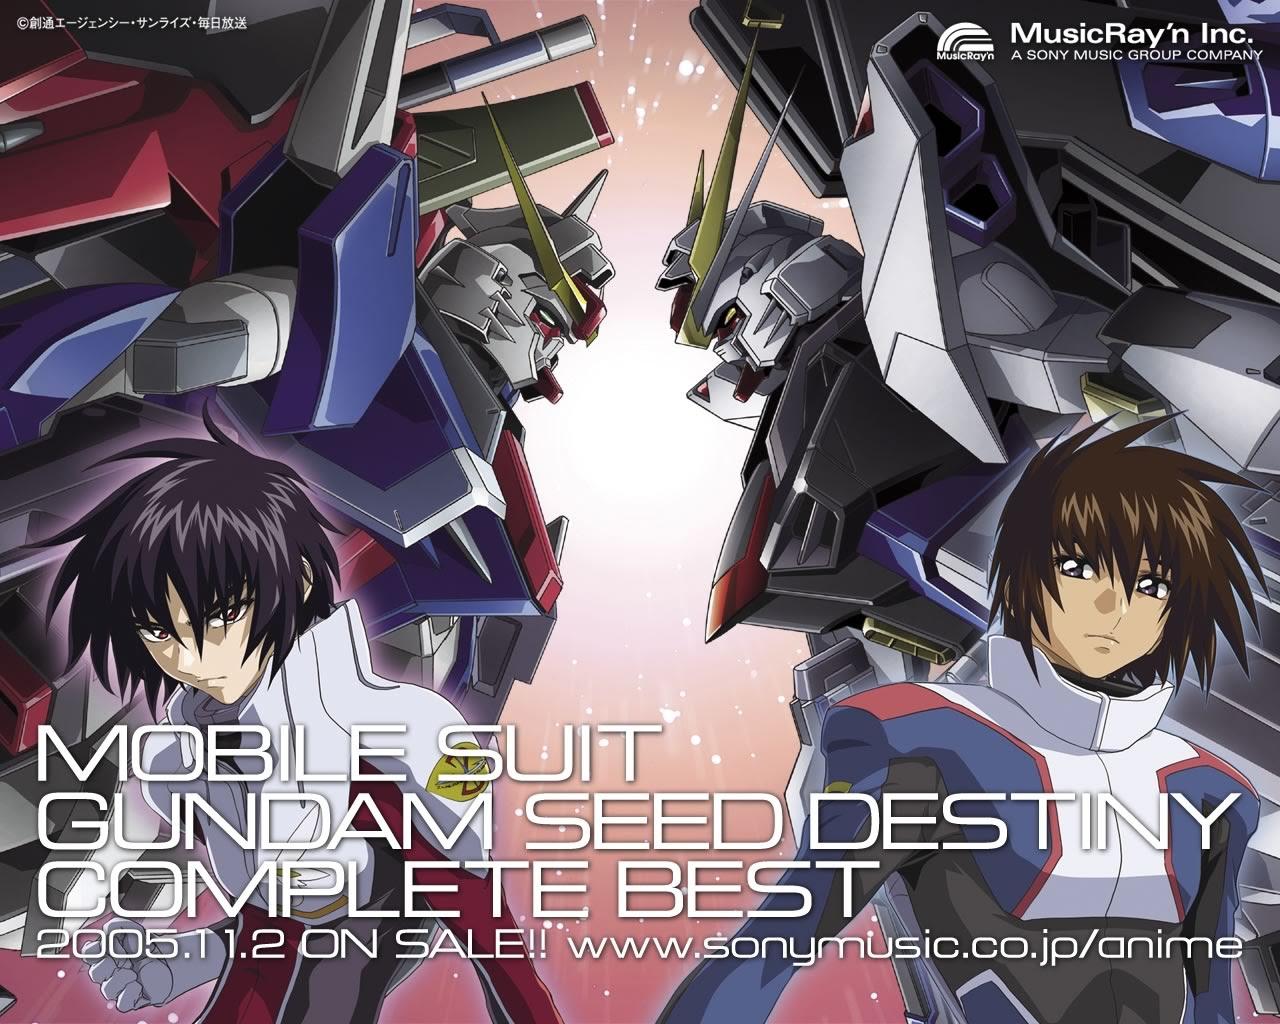 機動戦士ガンダムseed Destiny Dvd Box バンダイビジュアル 格安 秋山